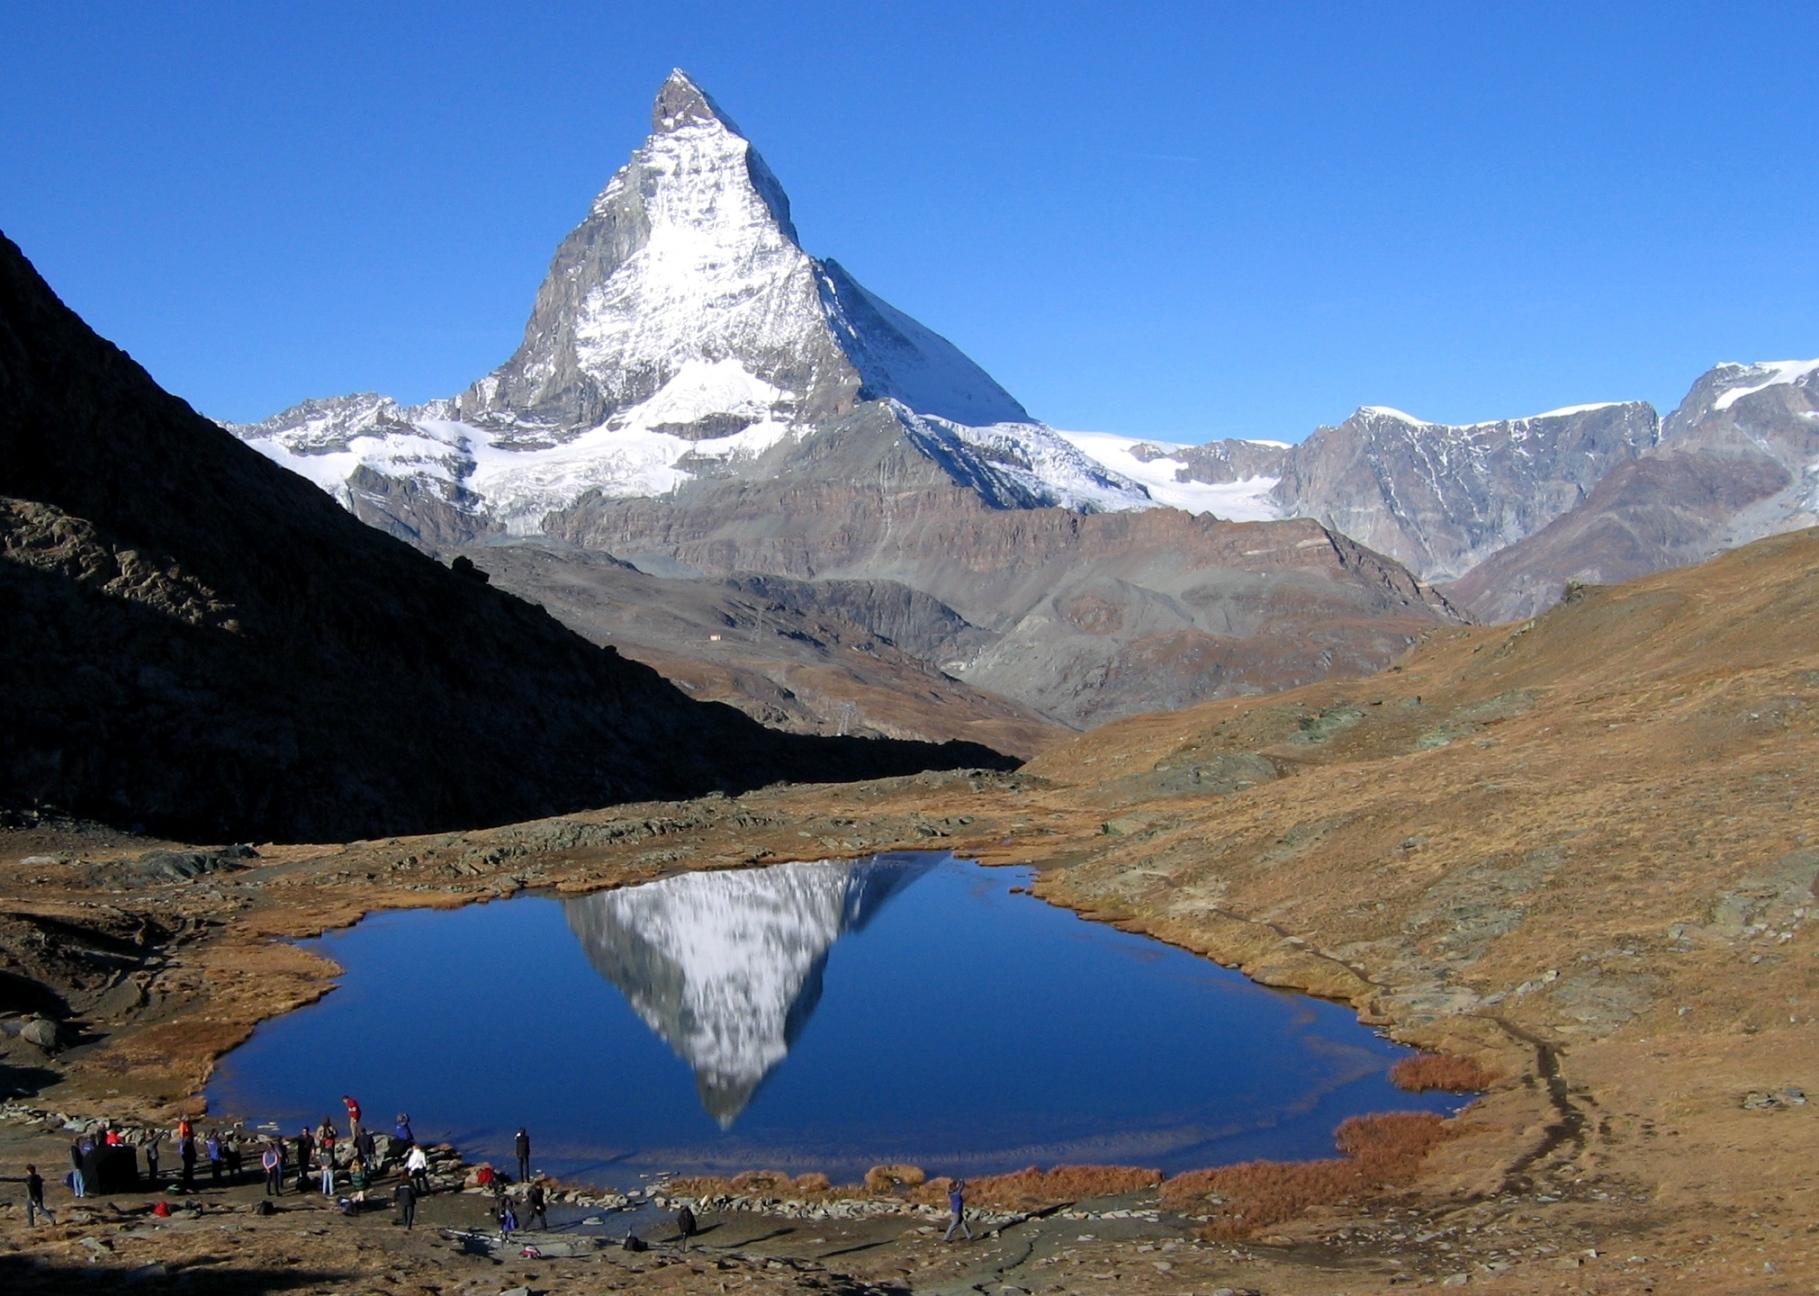 秋の青空に映えるマッターホルンと美しい山上湖(3日目)